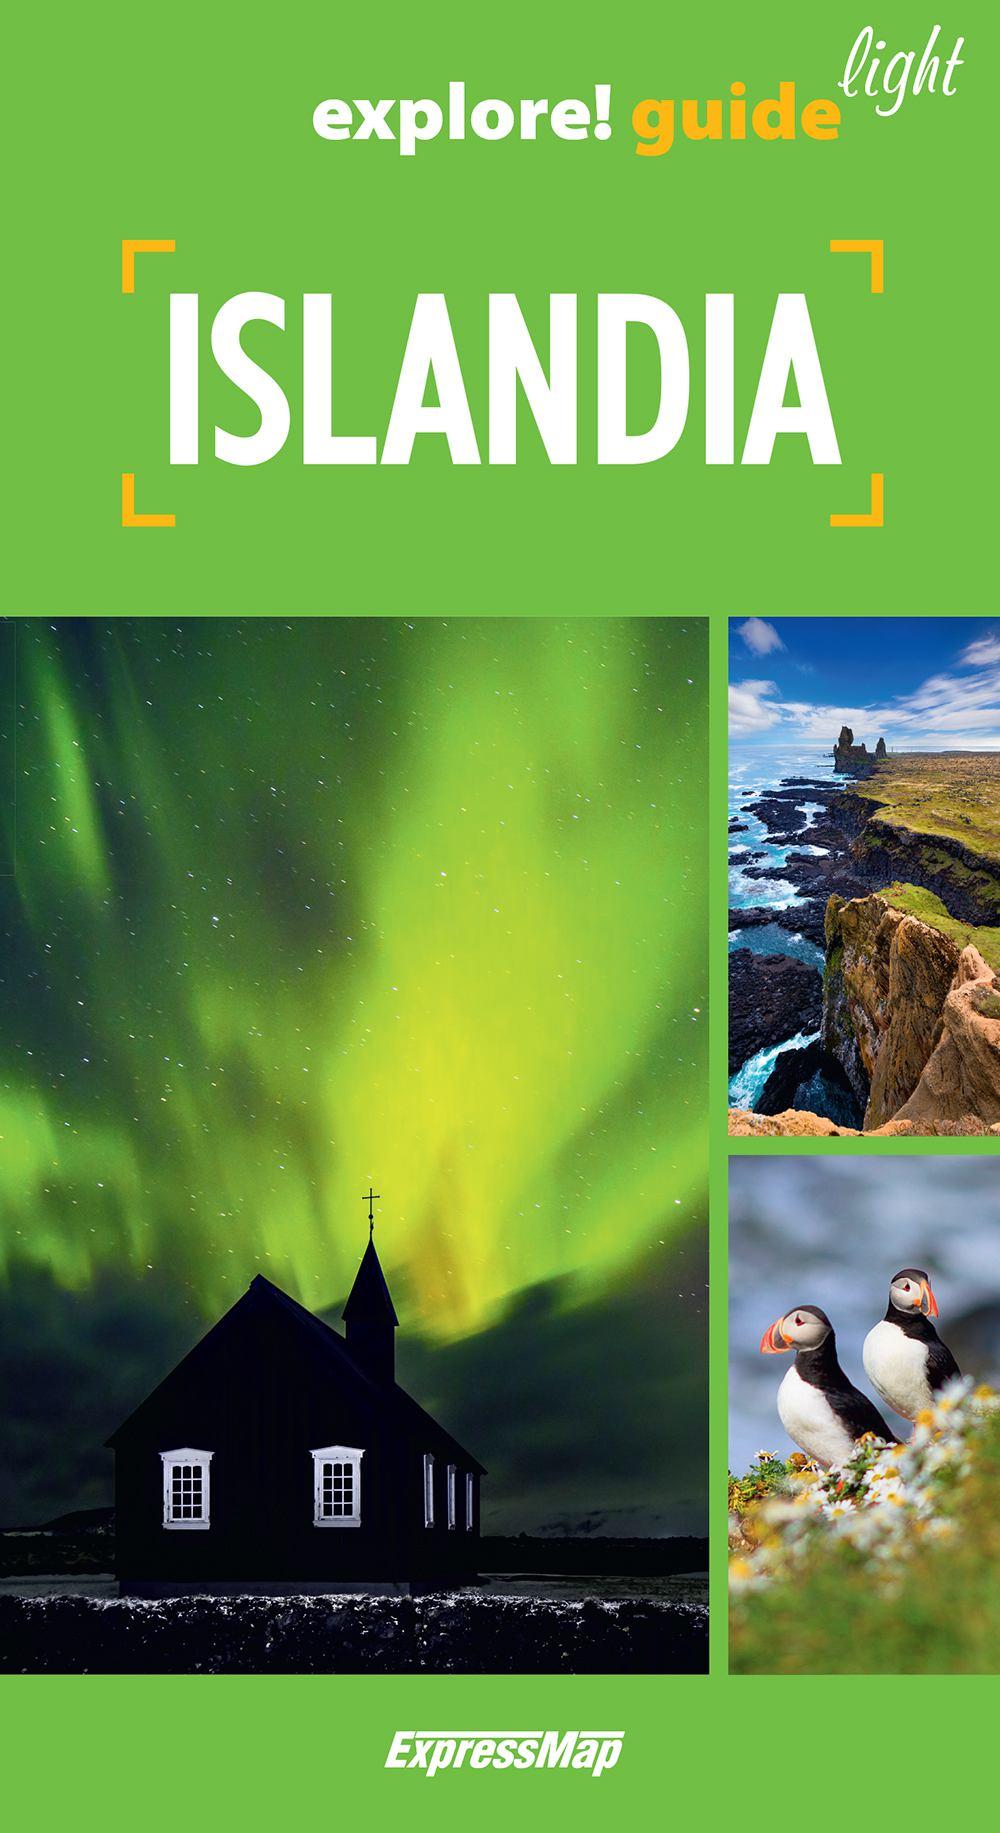 Islandia light: przewodnik - Ebook (Książka na Kindle) do pobrania w formacie MOBI